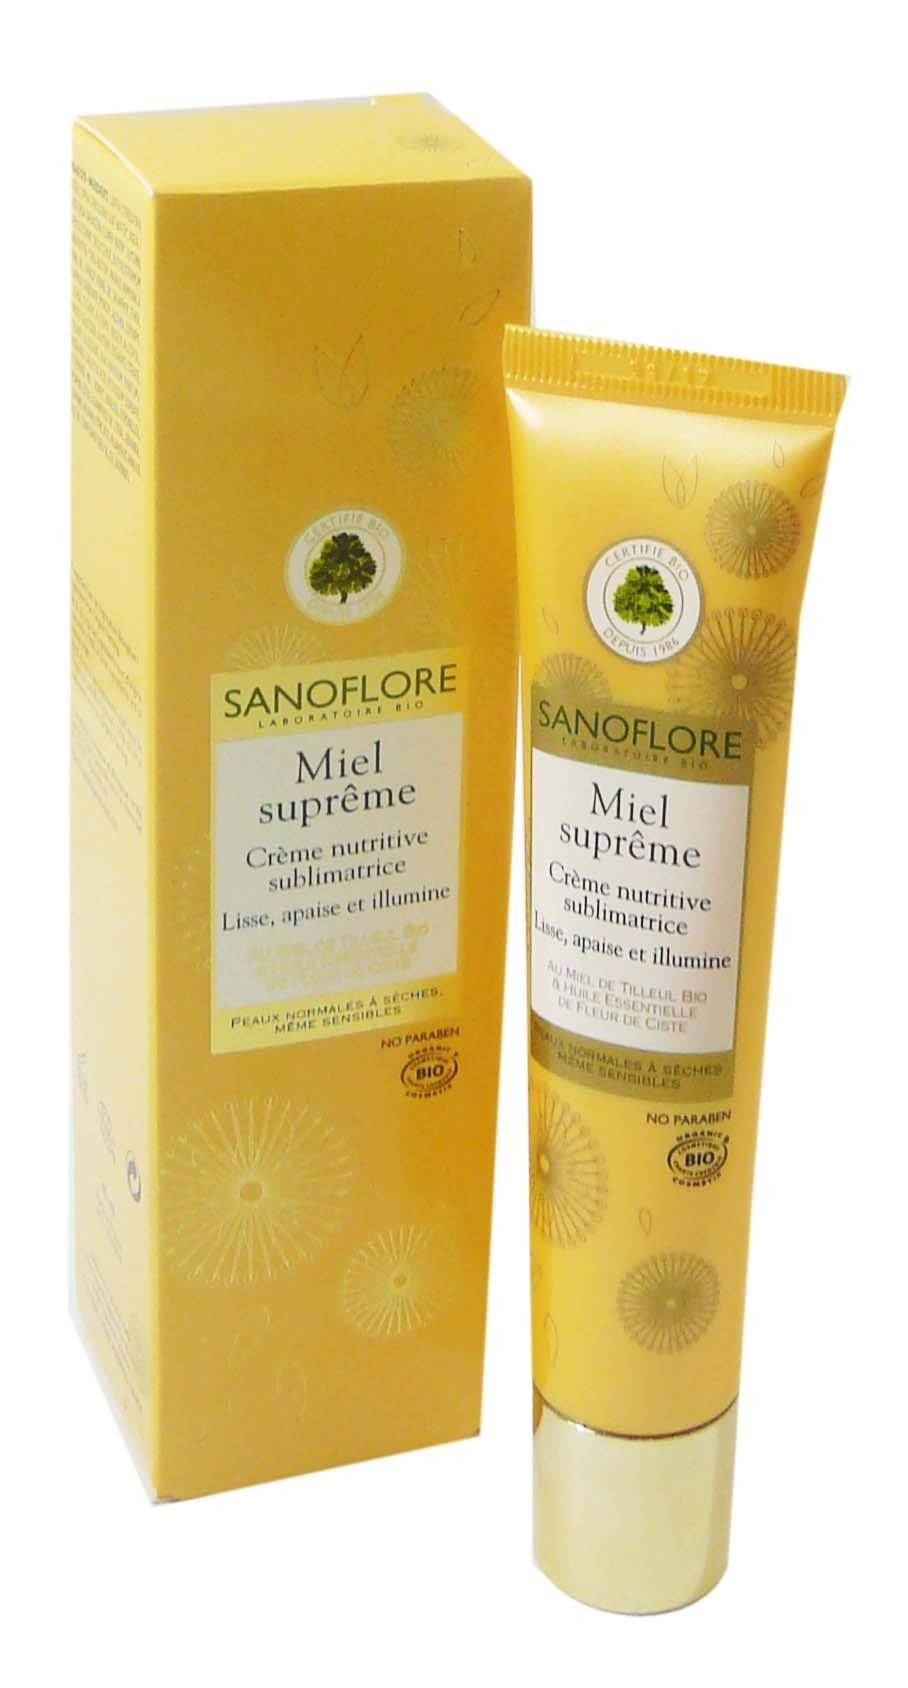 Sanoflore miel supreme creme nutritive peaux normales 40ml